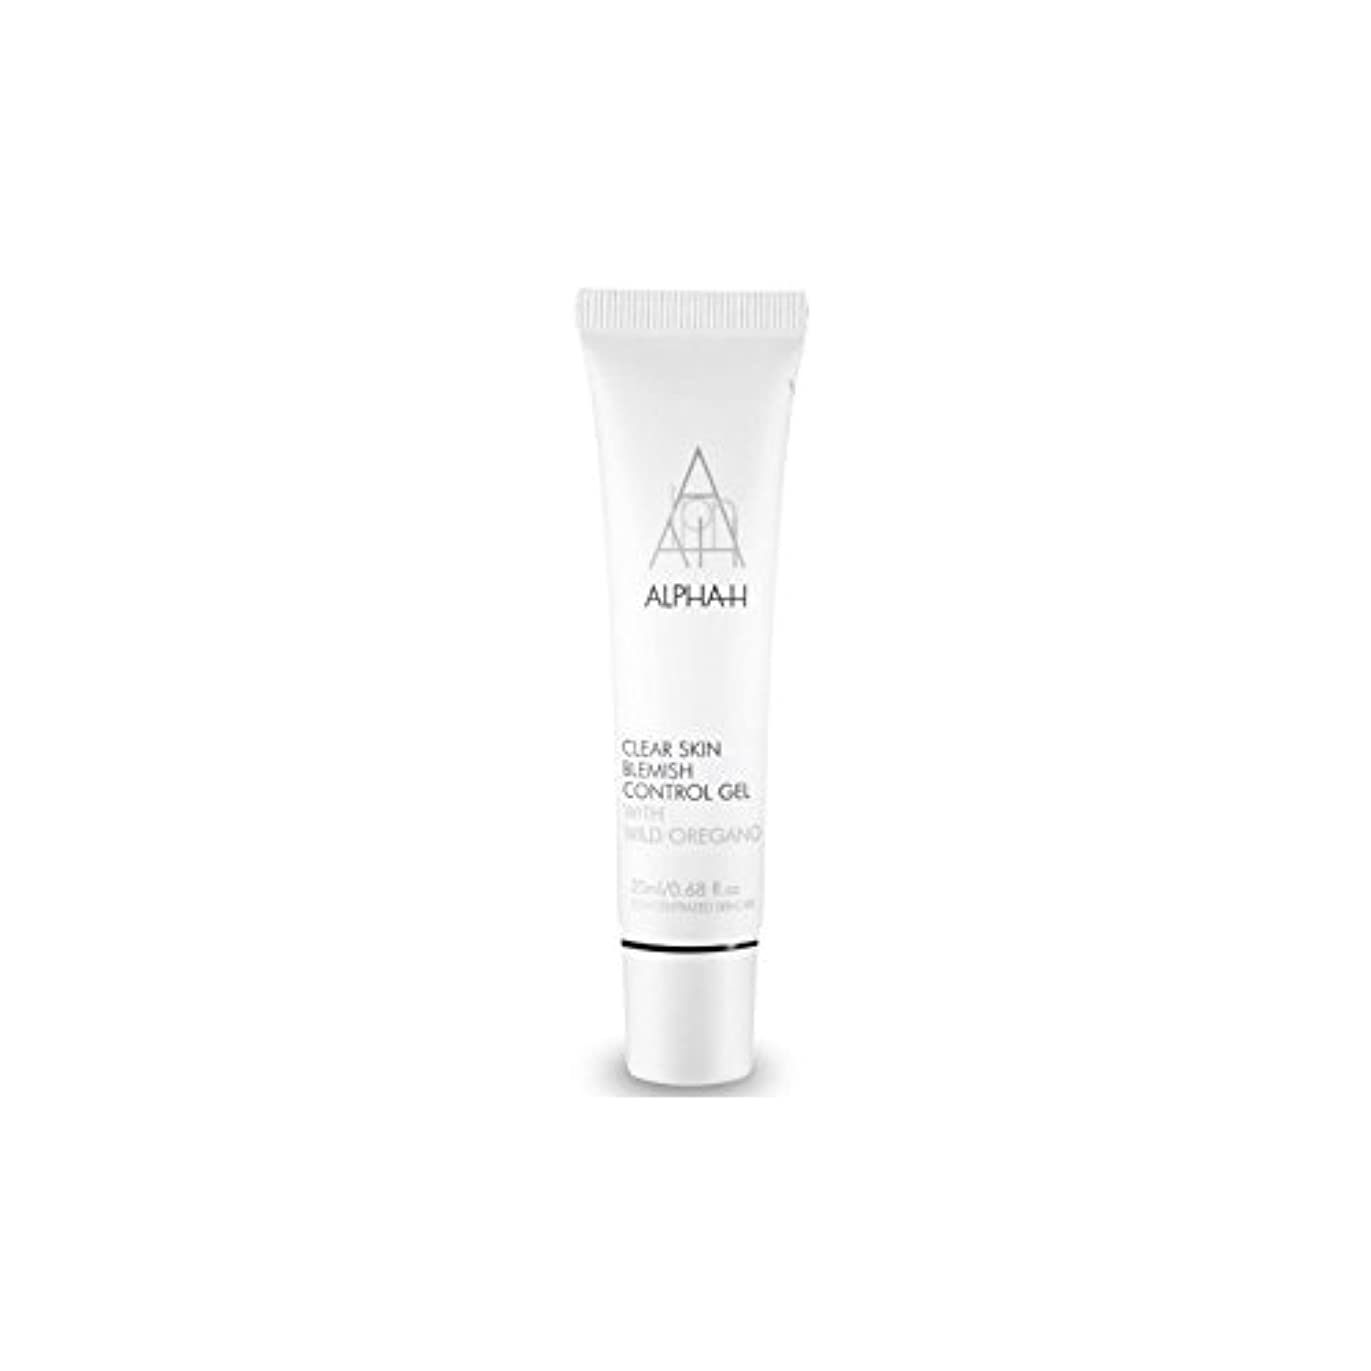 引き付けるペッカディロスリッパAlpha-H Clear Skin Blemish Control Gel (20ml) - アルファクリア皮膚傷制御ゲル(20)中 [並行輸入品]